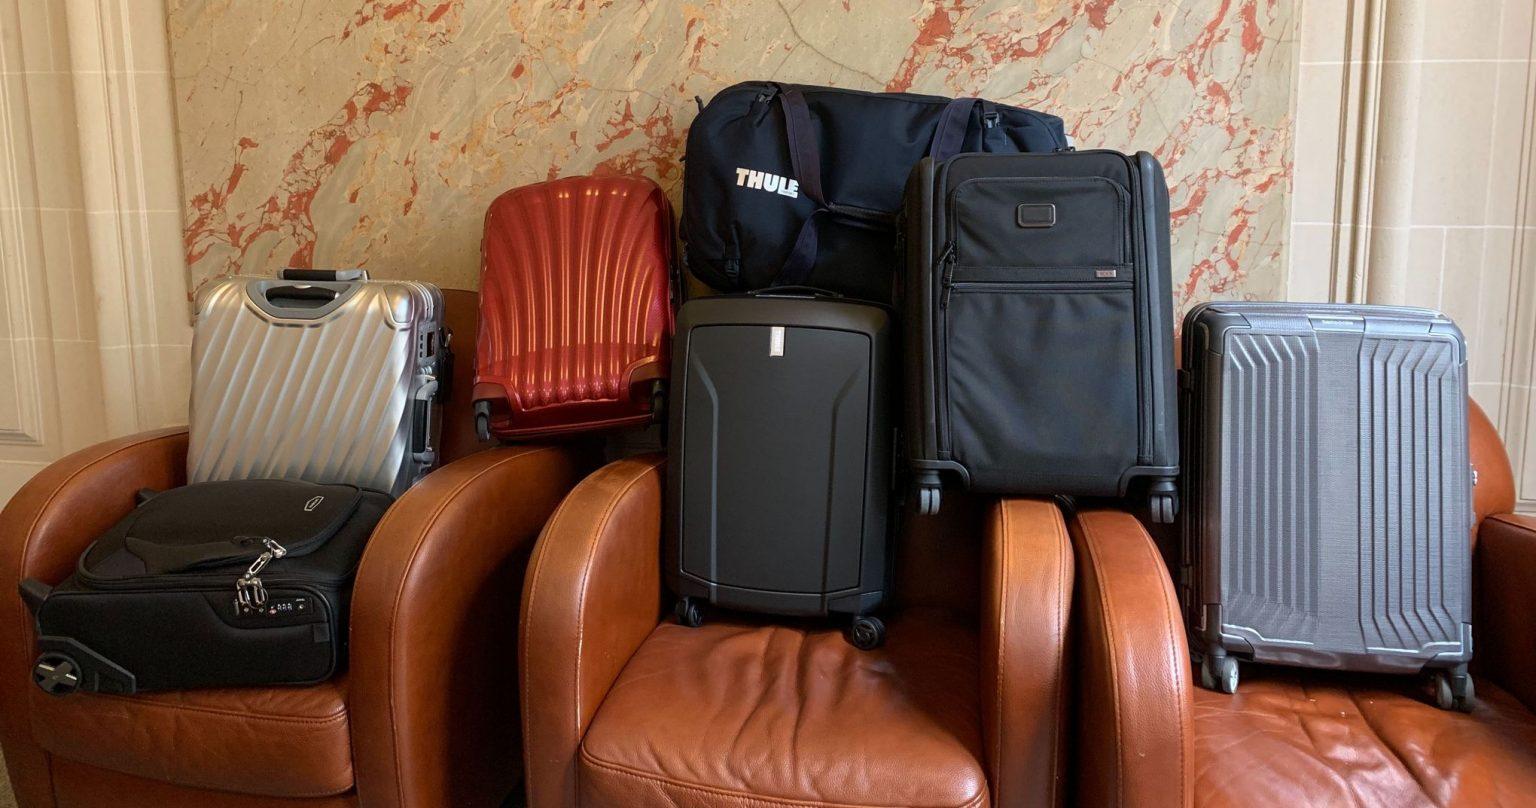 Pourquoi devriez-vous acheter une valise rigide ?